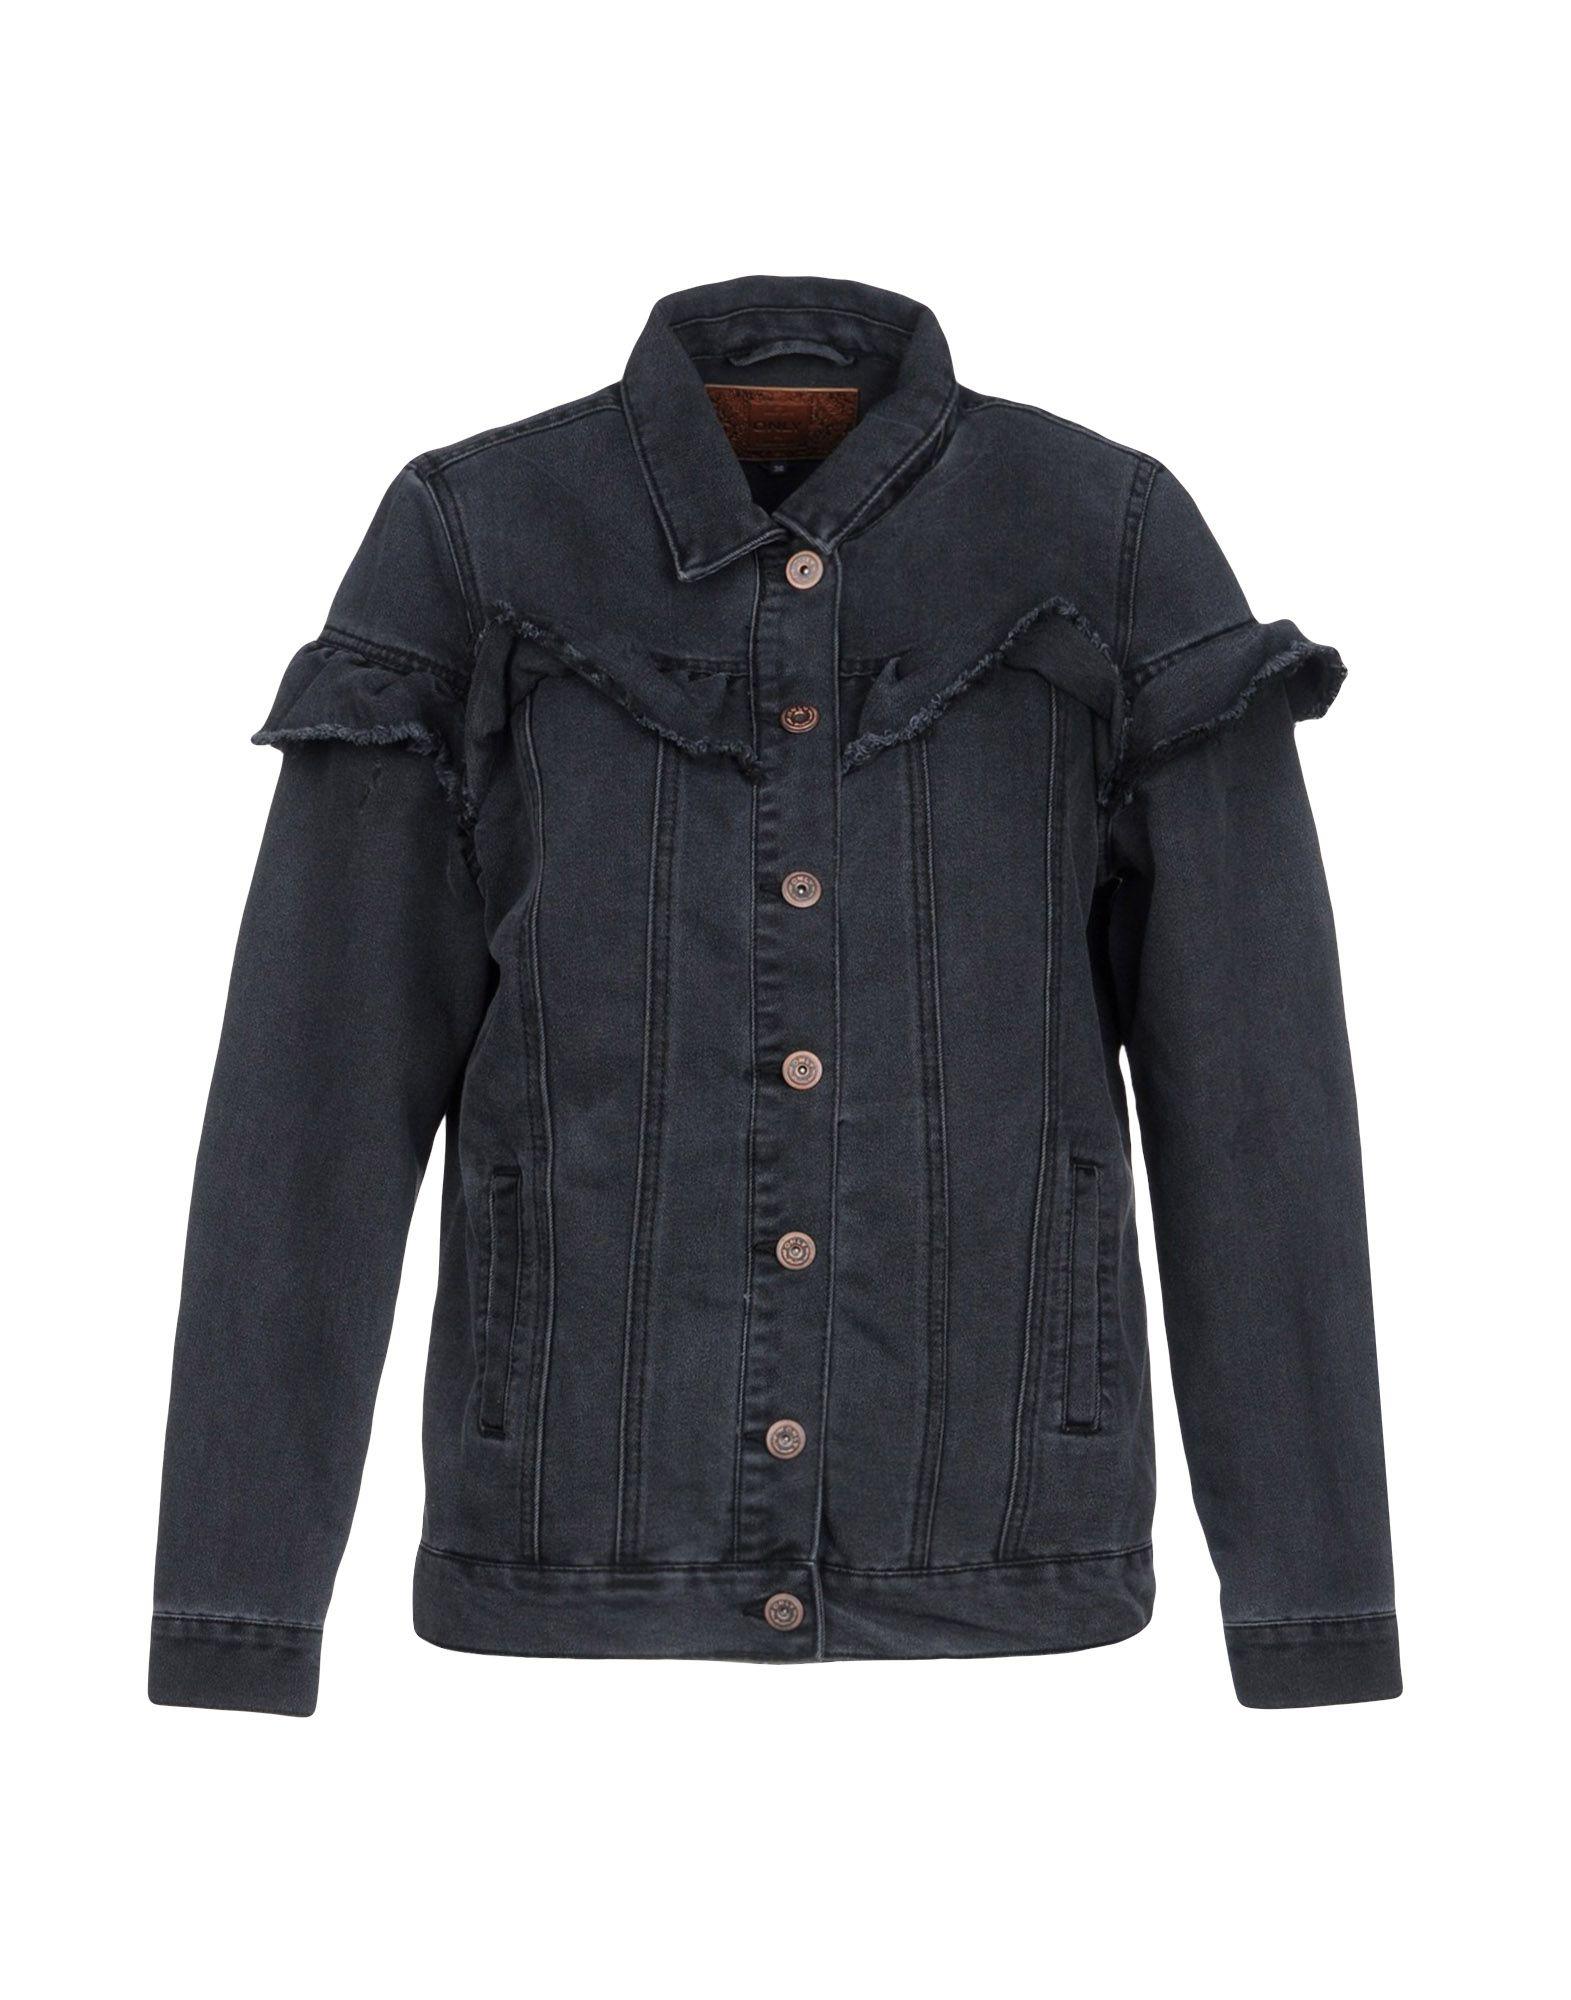 ONLY BLU Джинсовая верхняя одежда wood wood джинсовая верхняя одежда